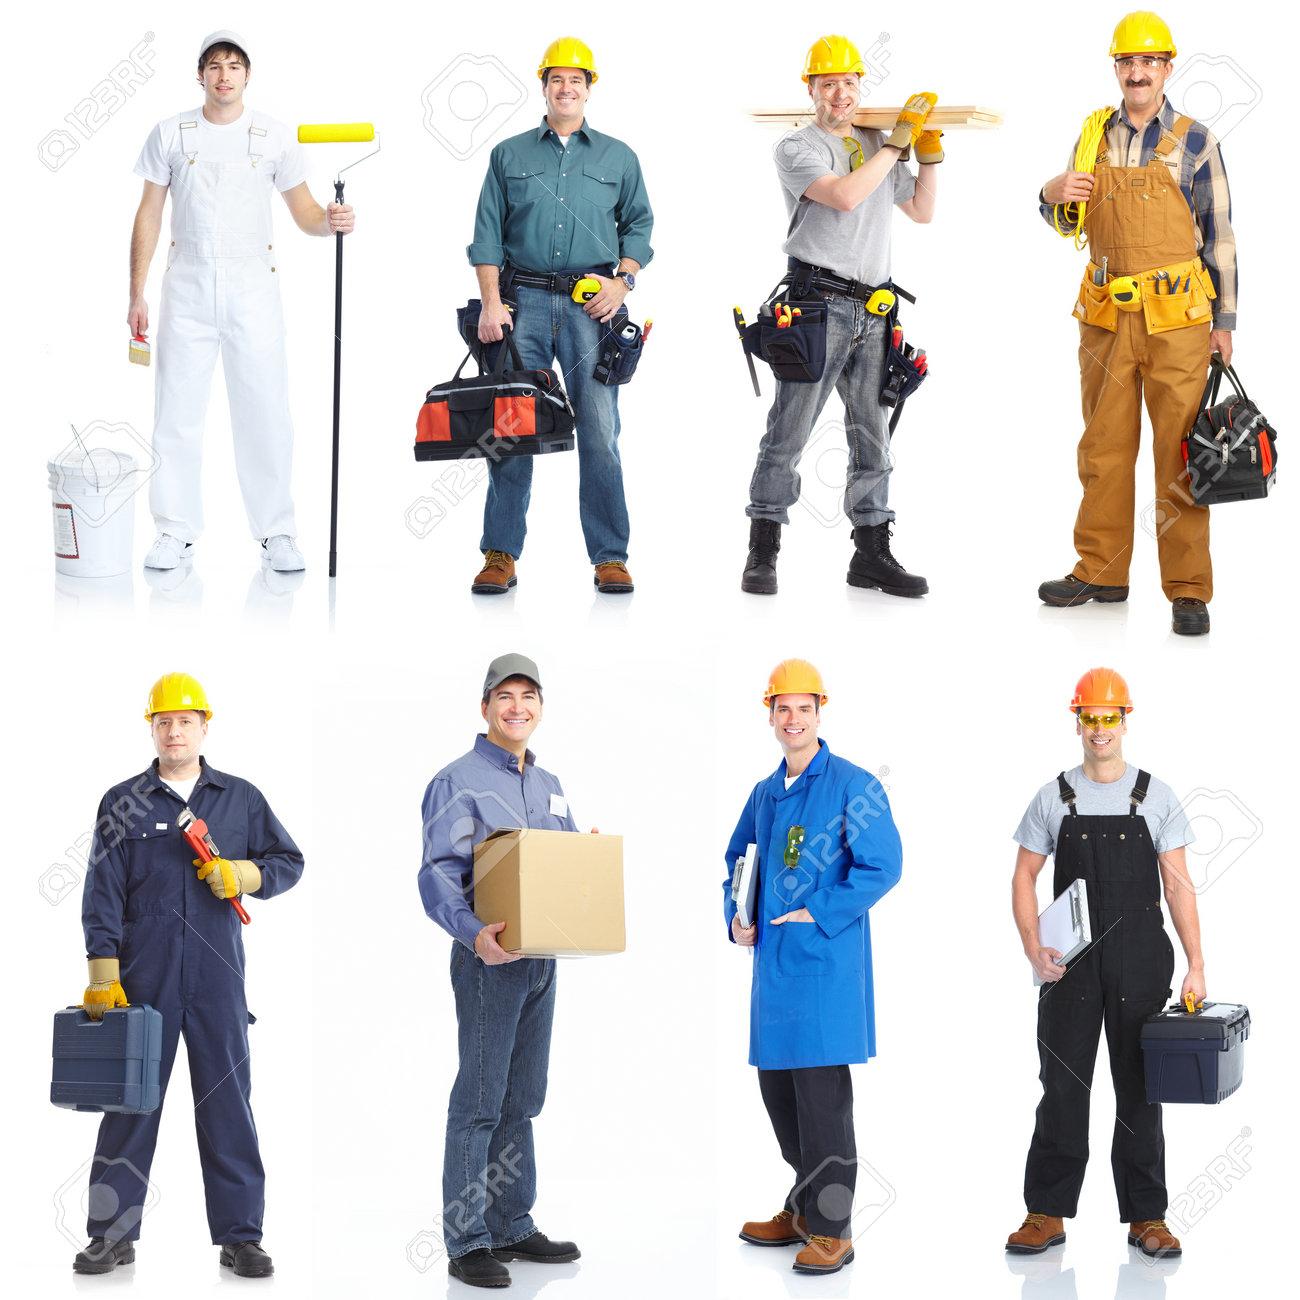 Contractors workers people. Stock Photo - 9467645